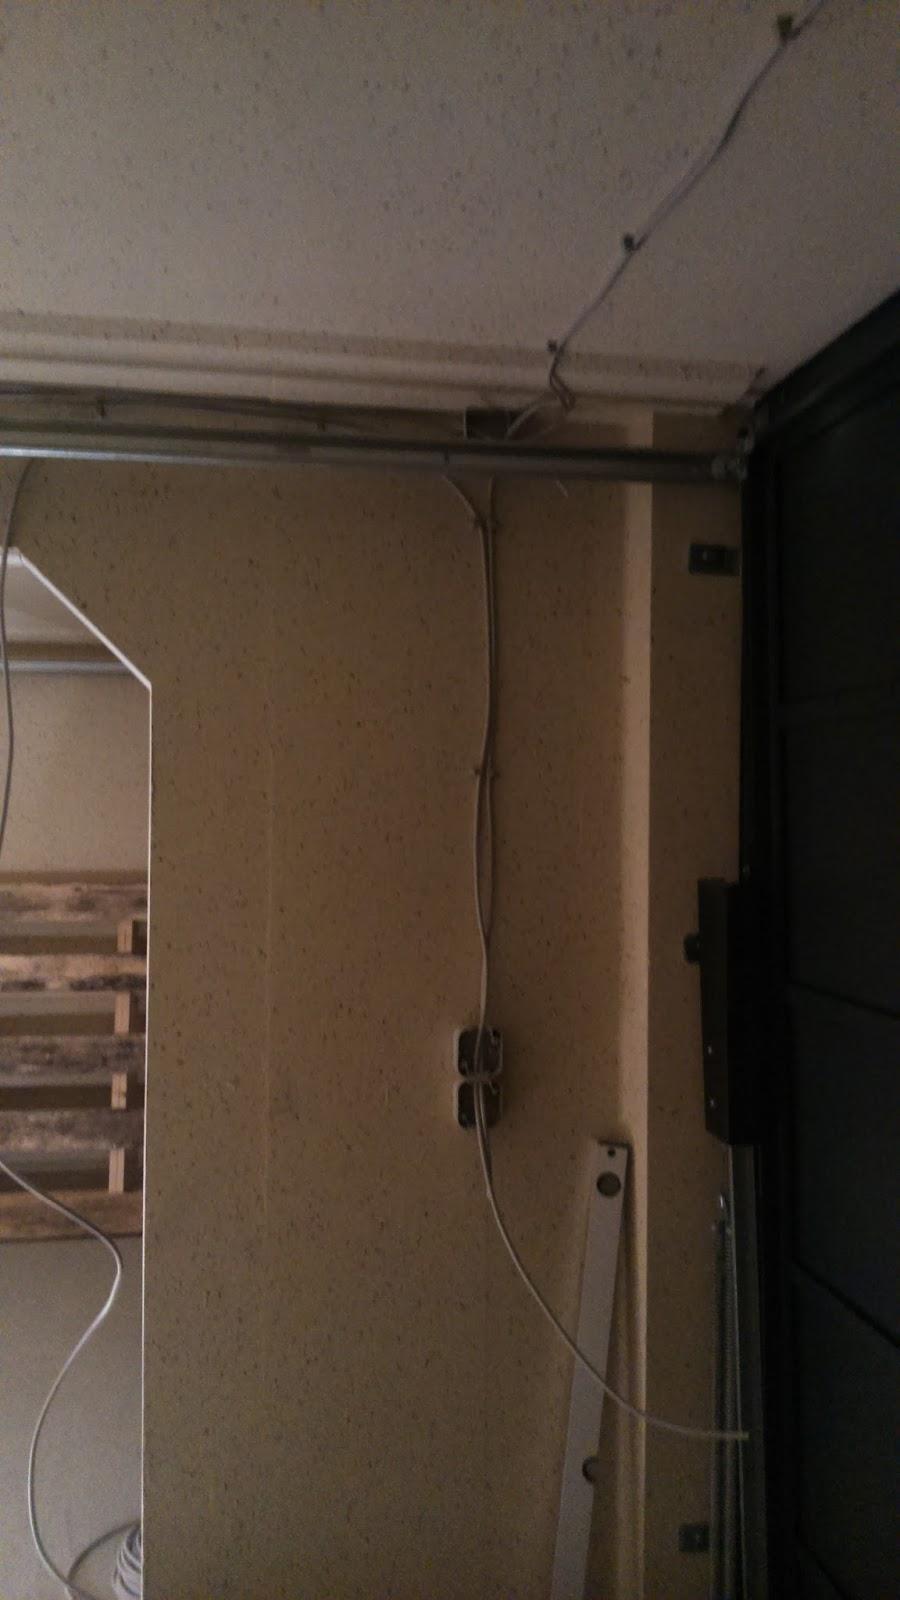 kabel aufputz verlegen – wohn-design